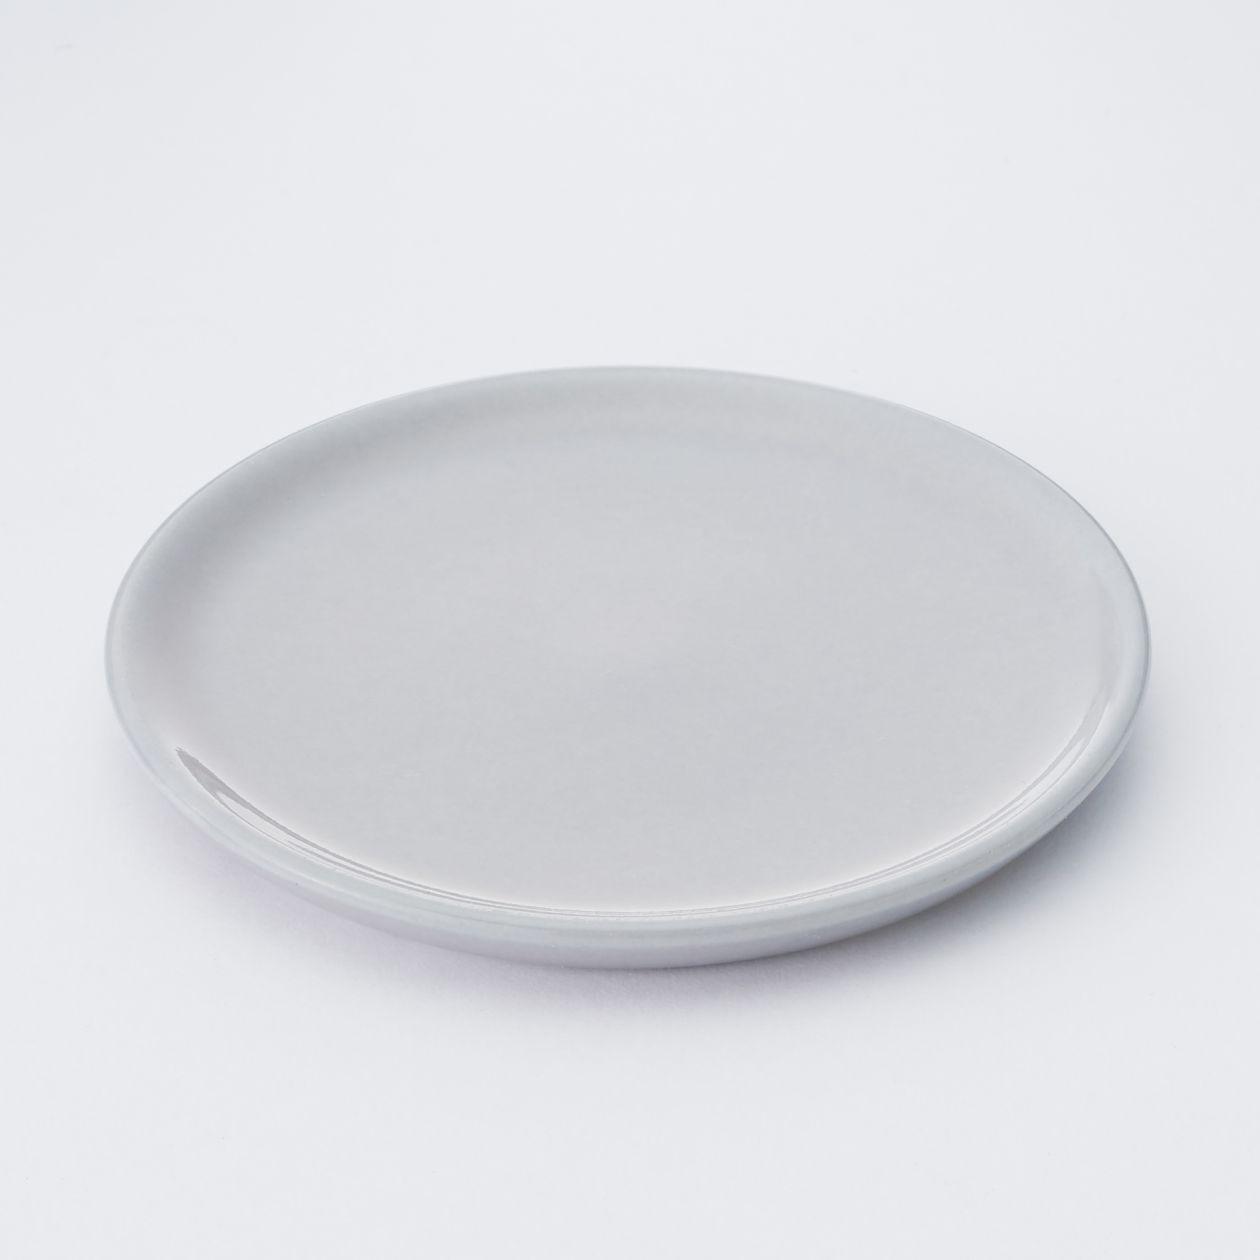 【パーツ】アロマストーン・グレー用皿